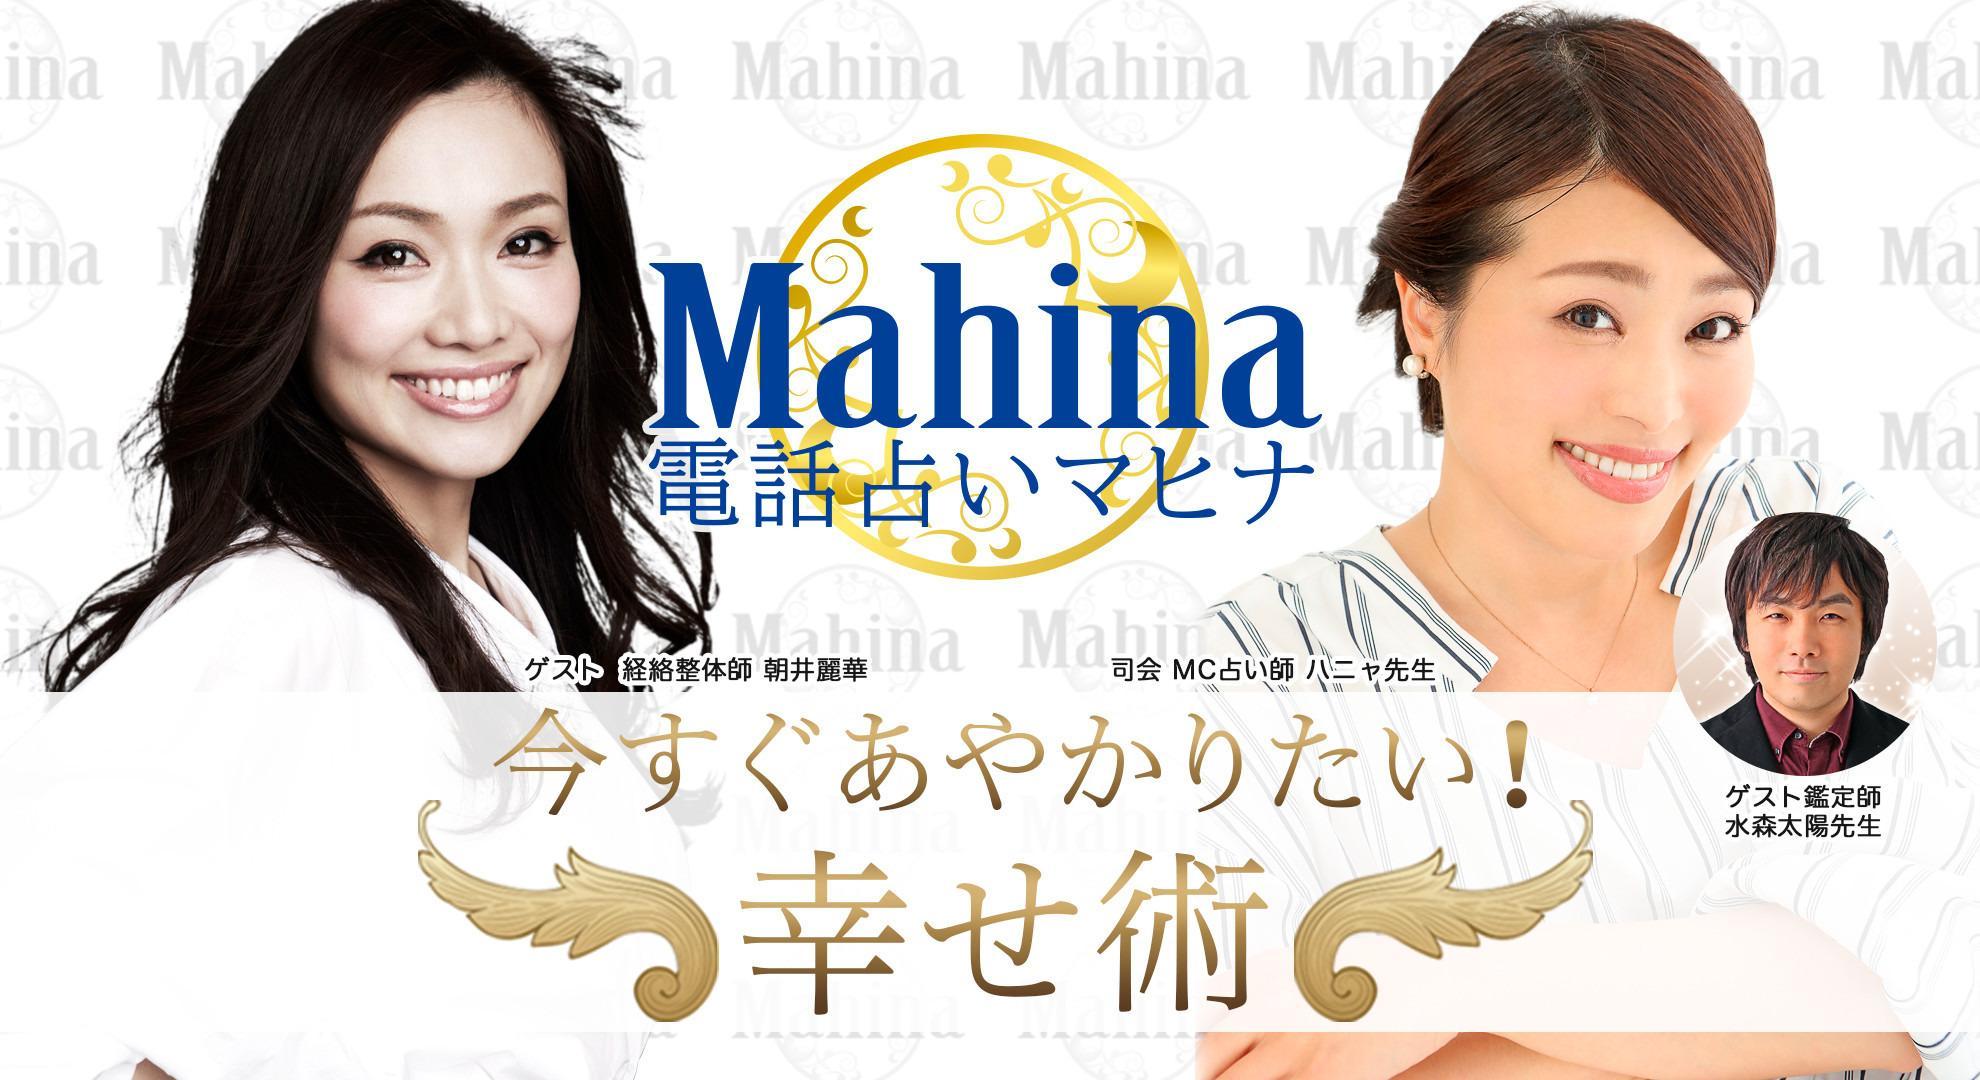 水森先生が朝井麗華さん出演「電話占いマヒナ今すぐあやかりたい!幸せ術」に生出演